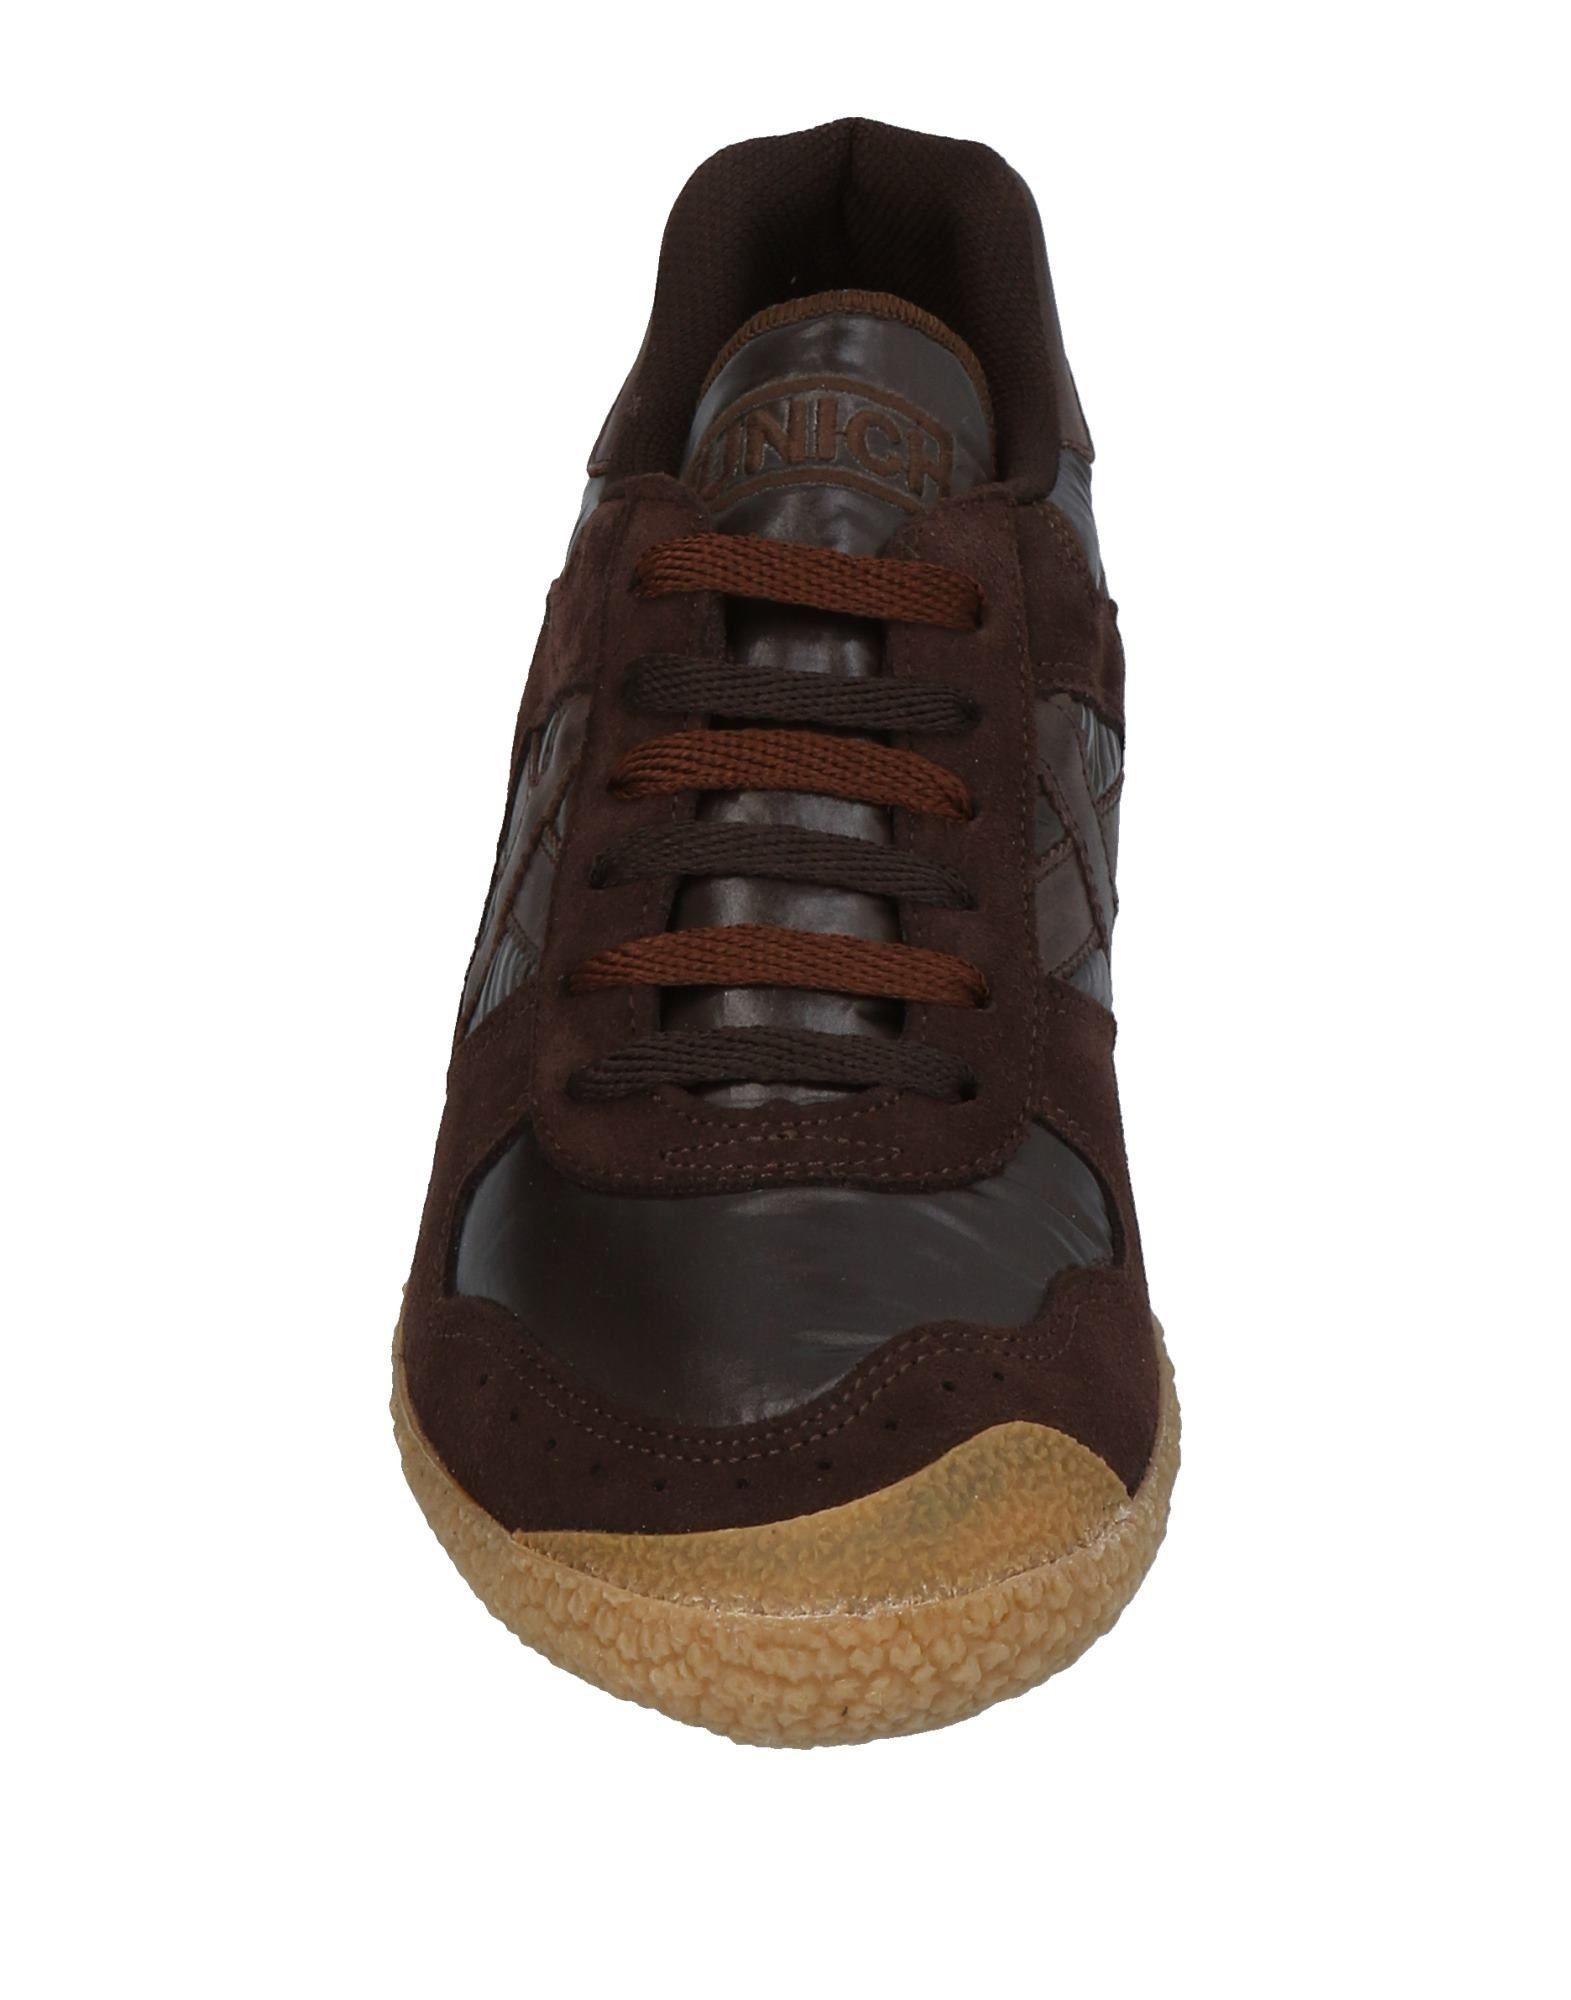 Munich Sneakers Sneakers Munich Herren  11454803CD 0e0ff8